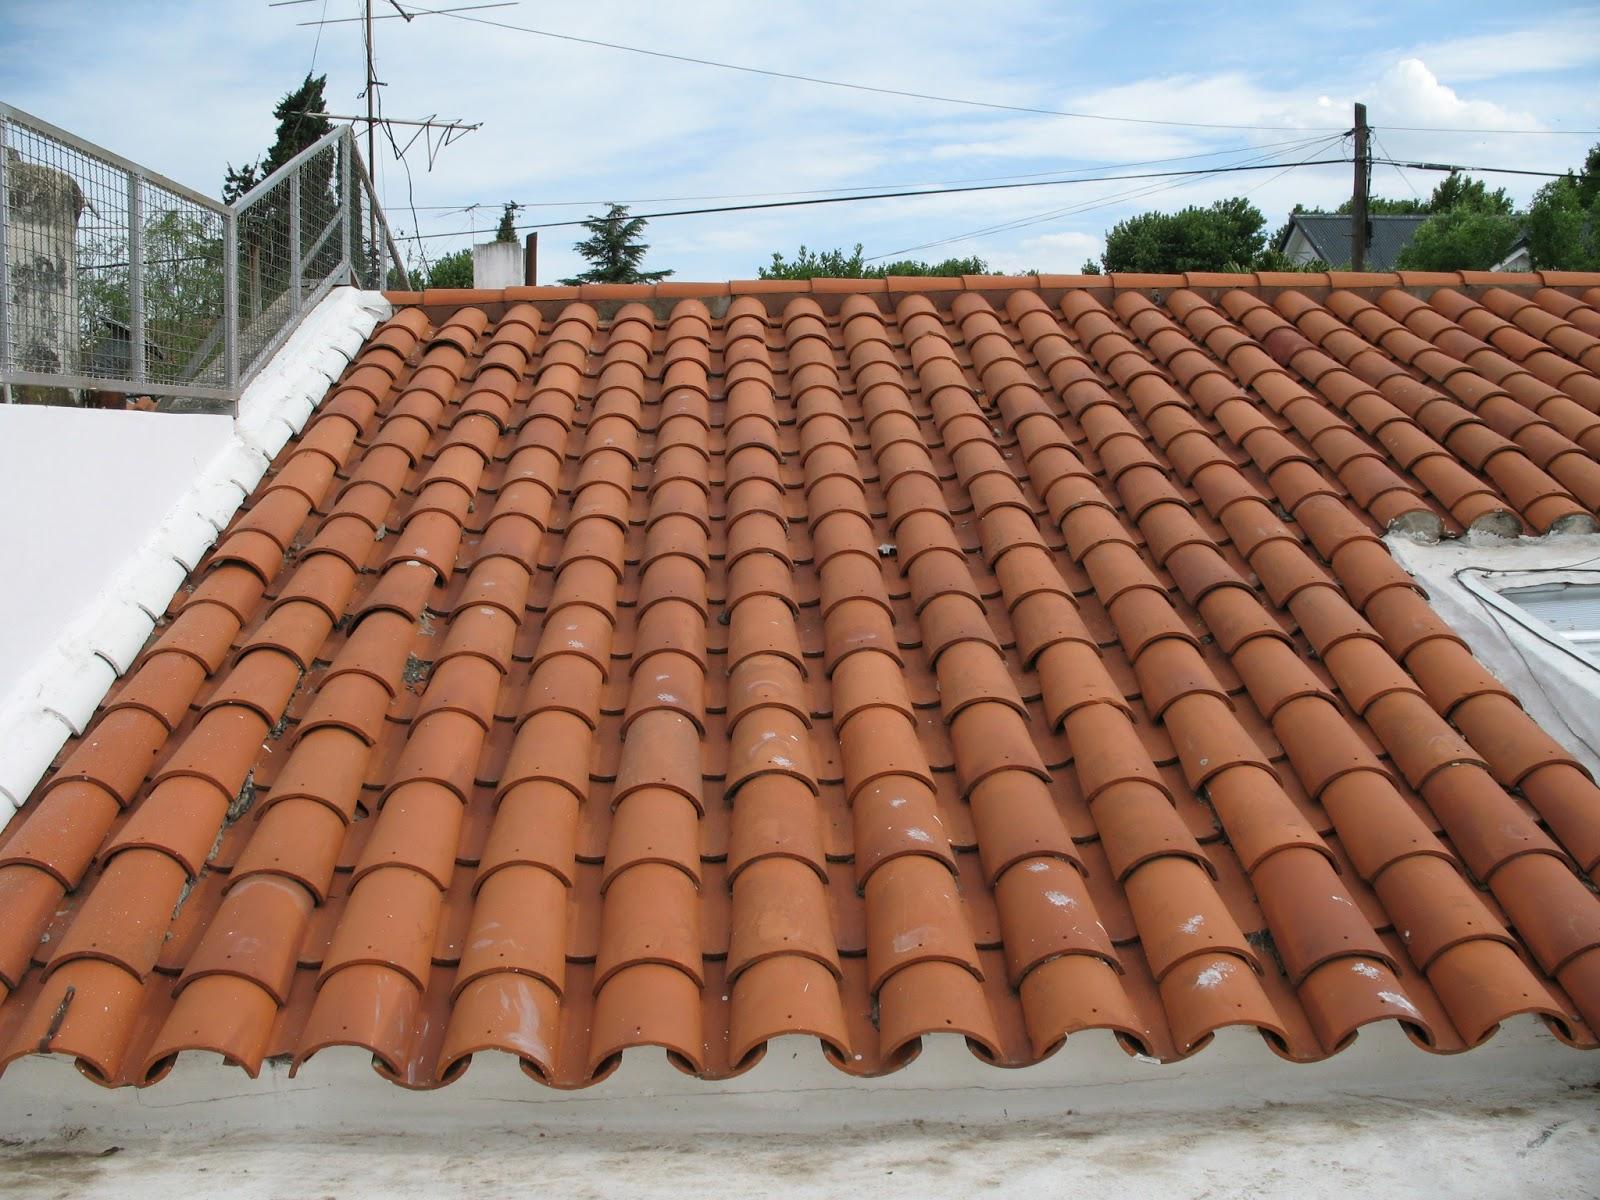 Baigorria 272 alberdi rio abril 2013 for Tejas livianas para techos